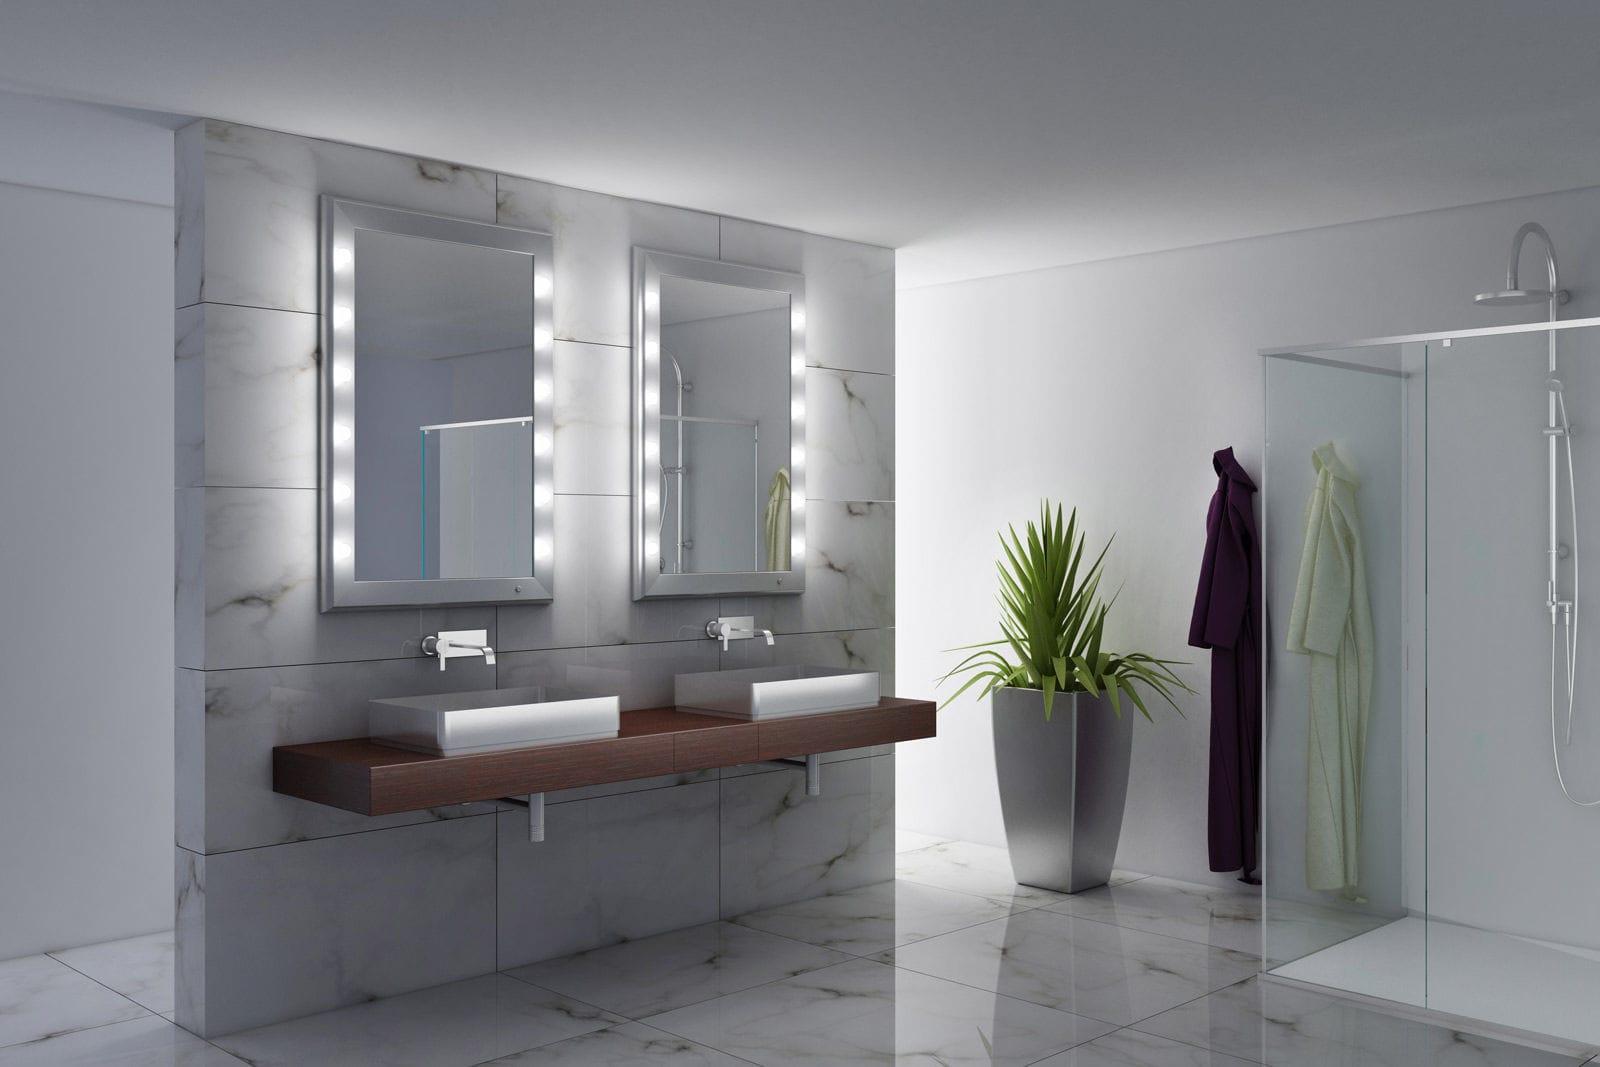 Letto Sospeso Muro : Specchio da bagno a muro luminoso per camera da letto sospeso